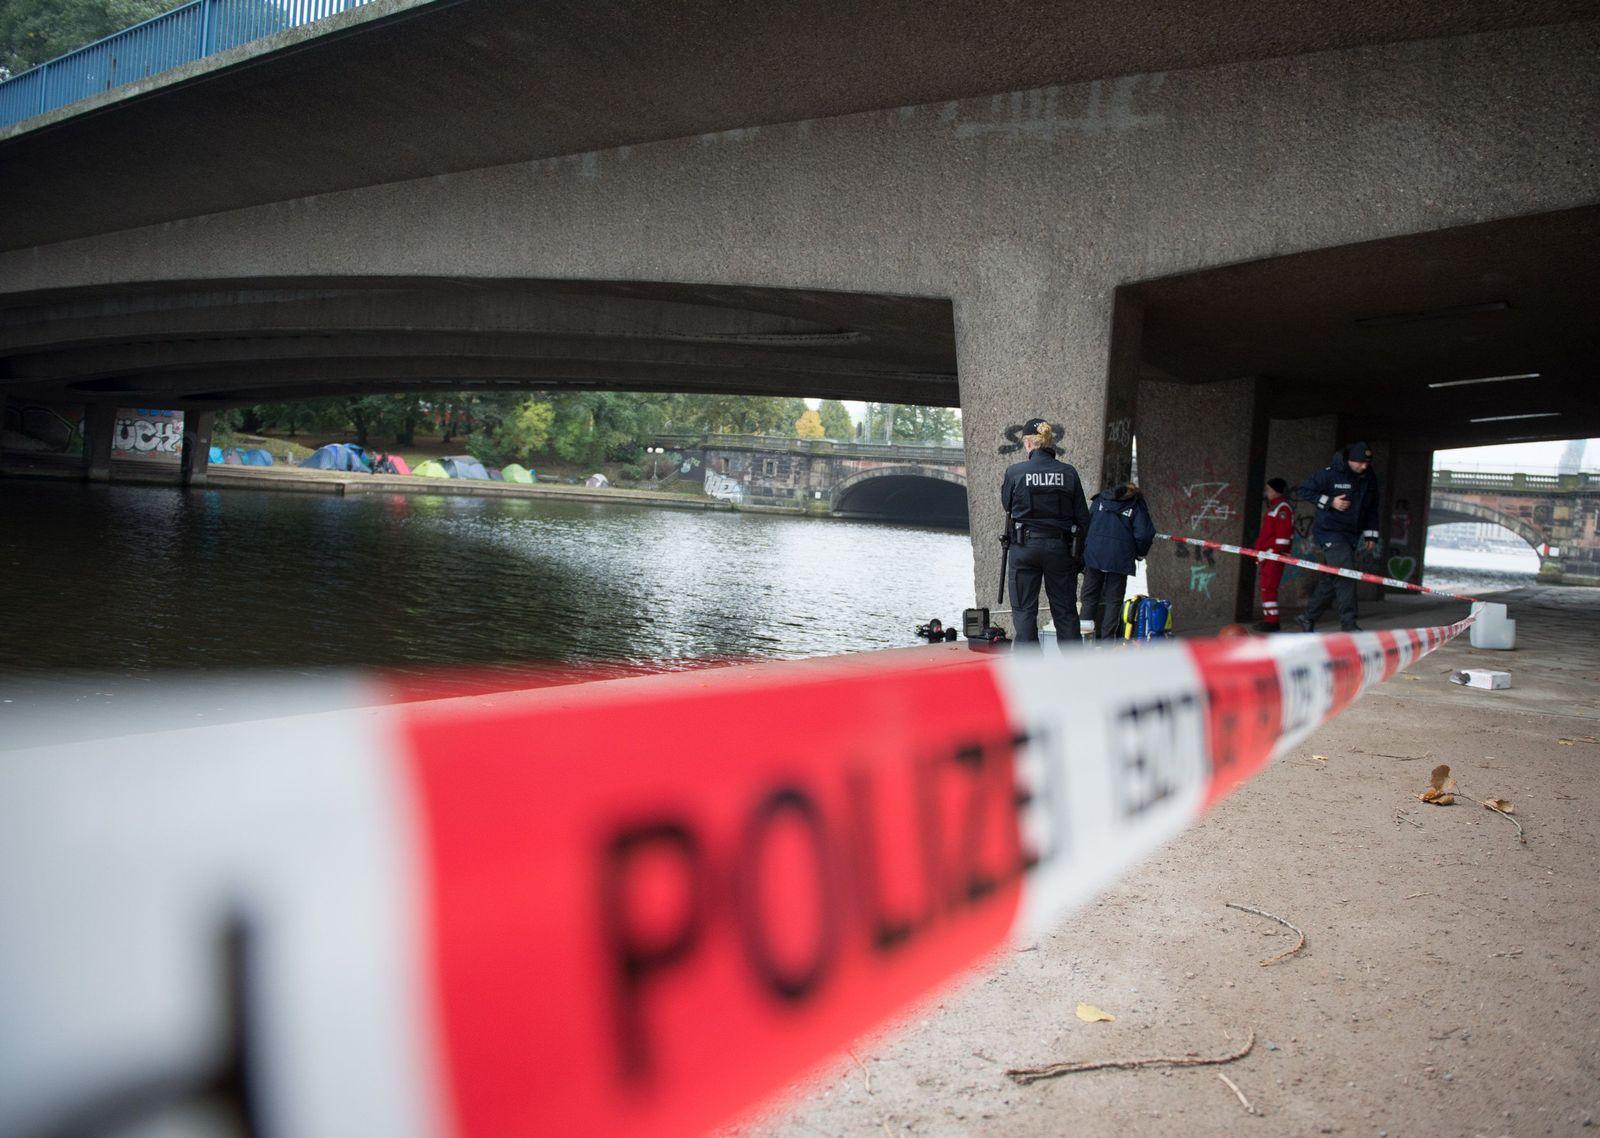 16-Jähriger unter der Kennedybrücke getötet